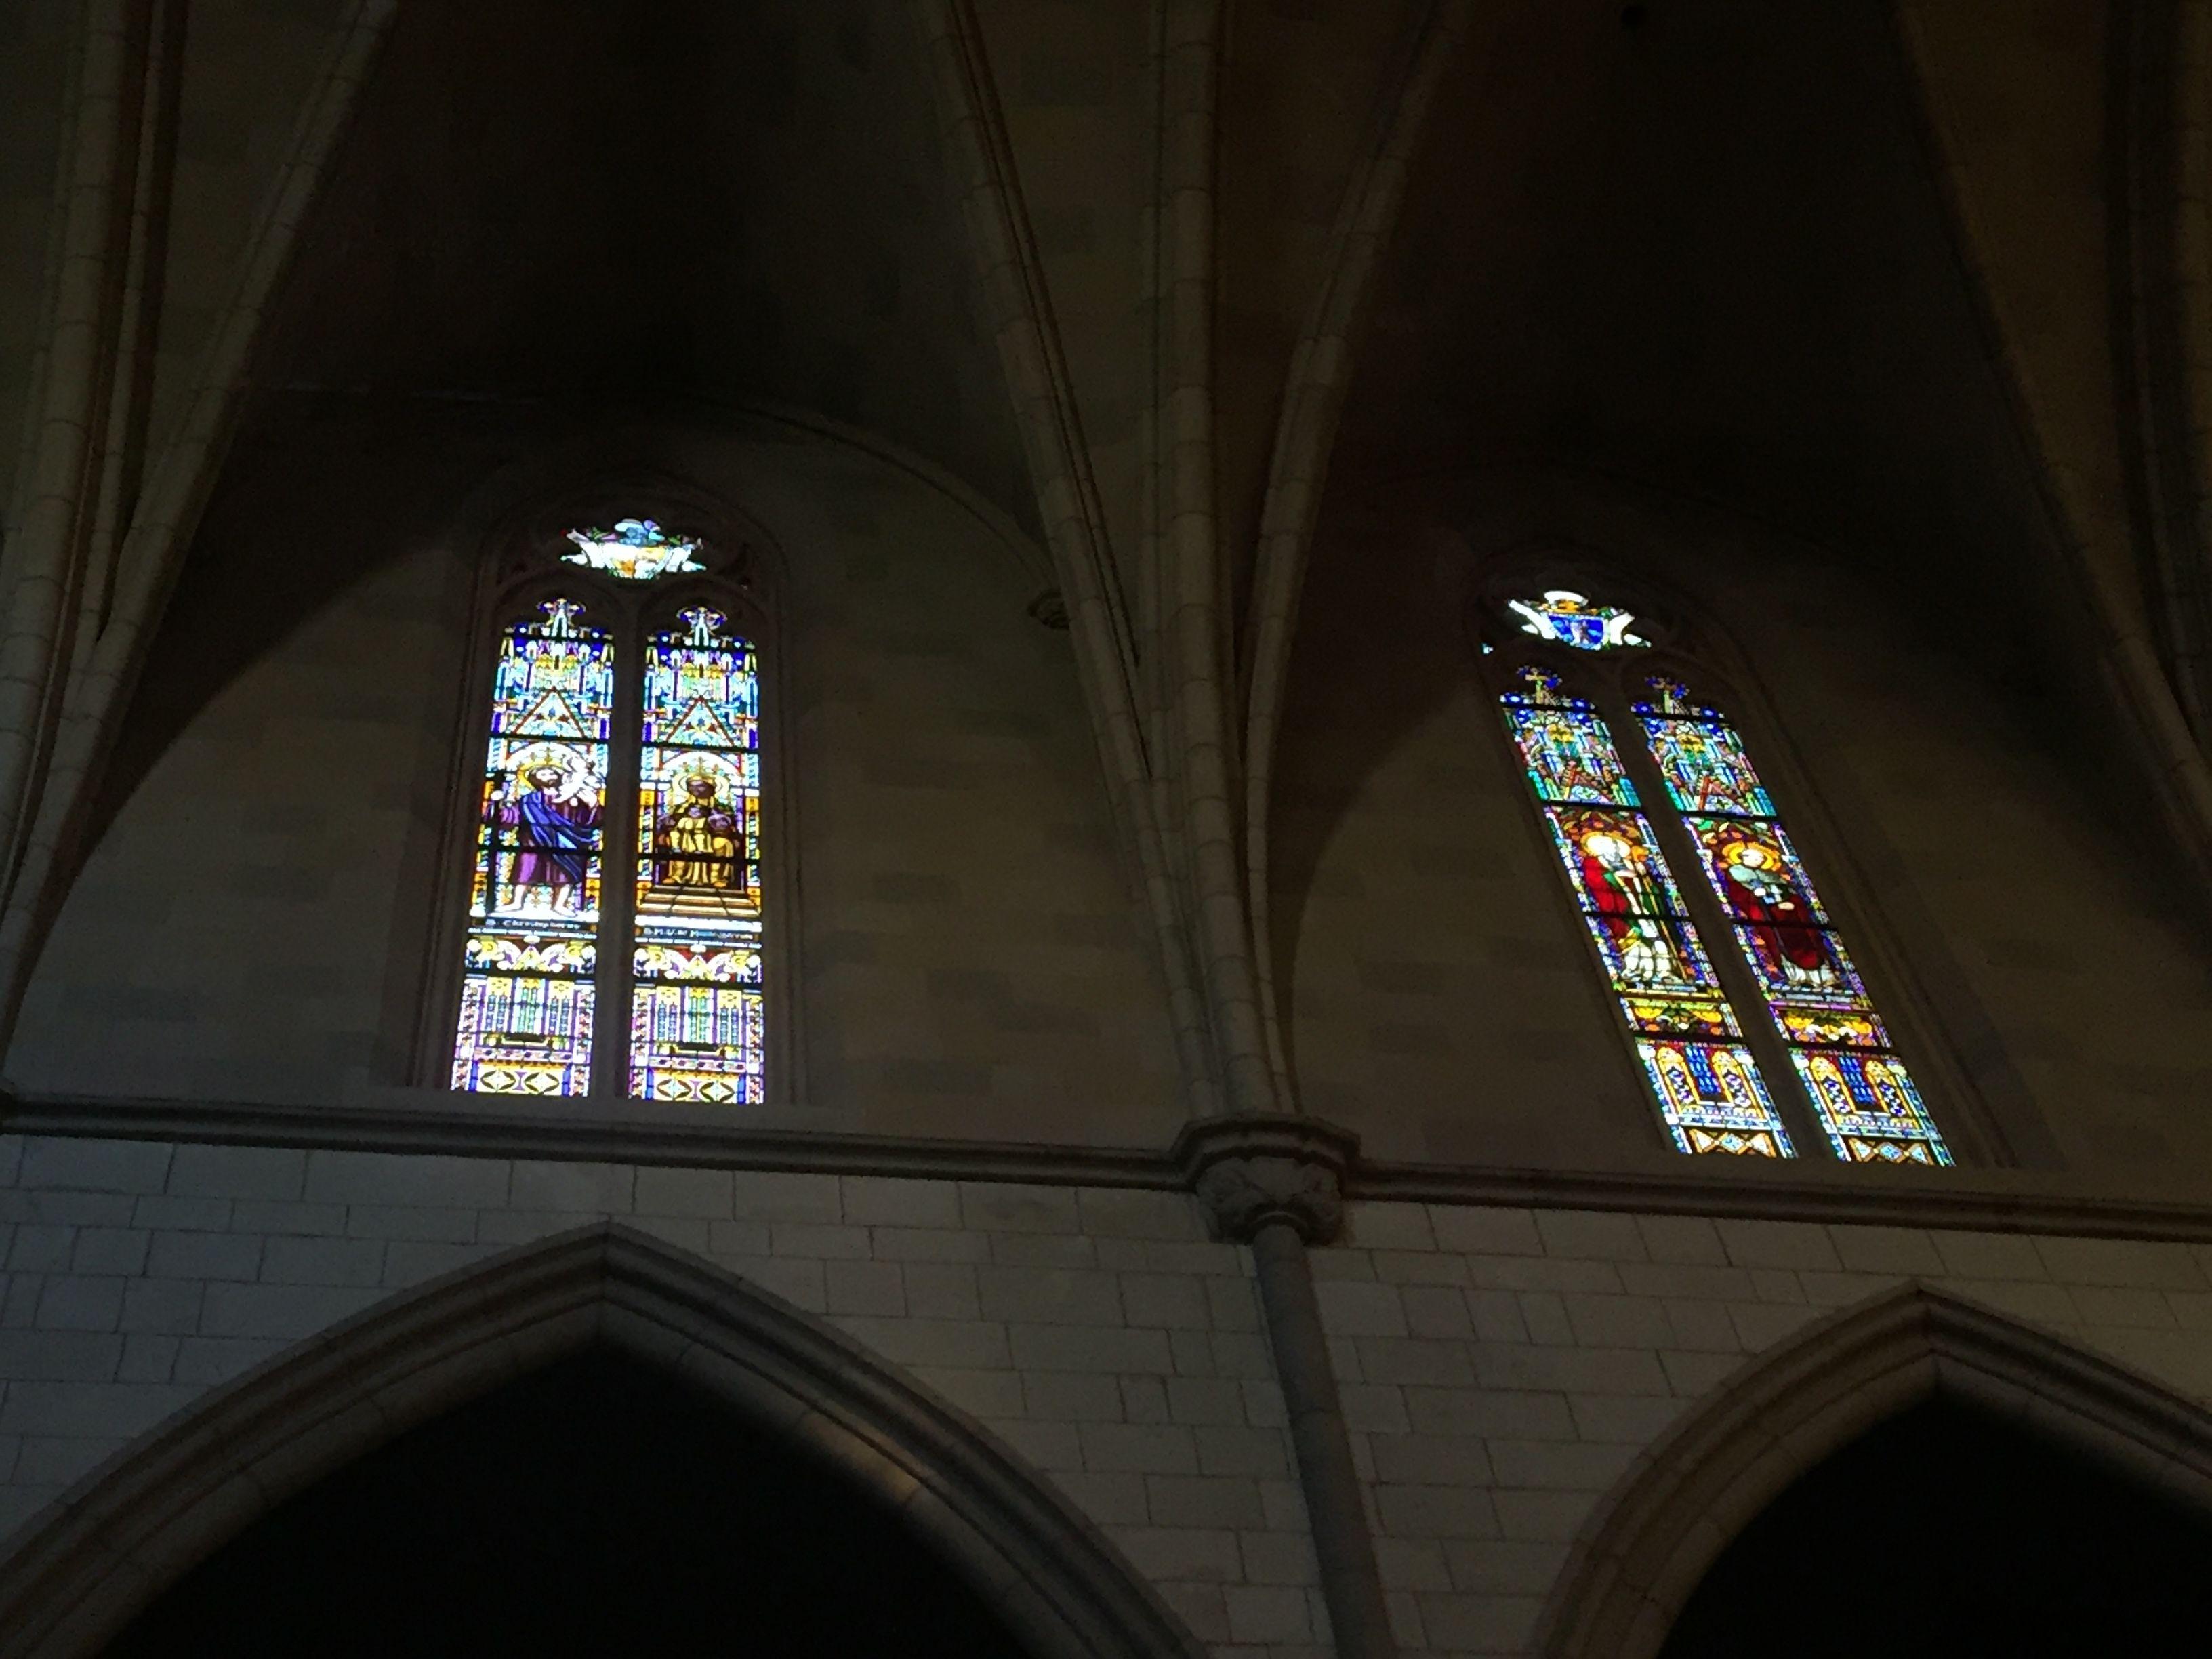 En el interior de Sant Ramon de Penyafort está rodeado de vidrieras. Las vidrieras aquí son sobre temas religiosas. Cada vidriera dice una historia diferente de la biblia. El uso de mucho color ayuda para describir las significancias de los imagines.